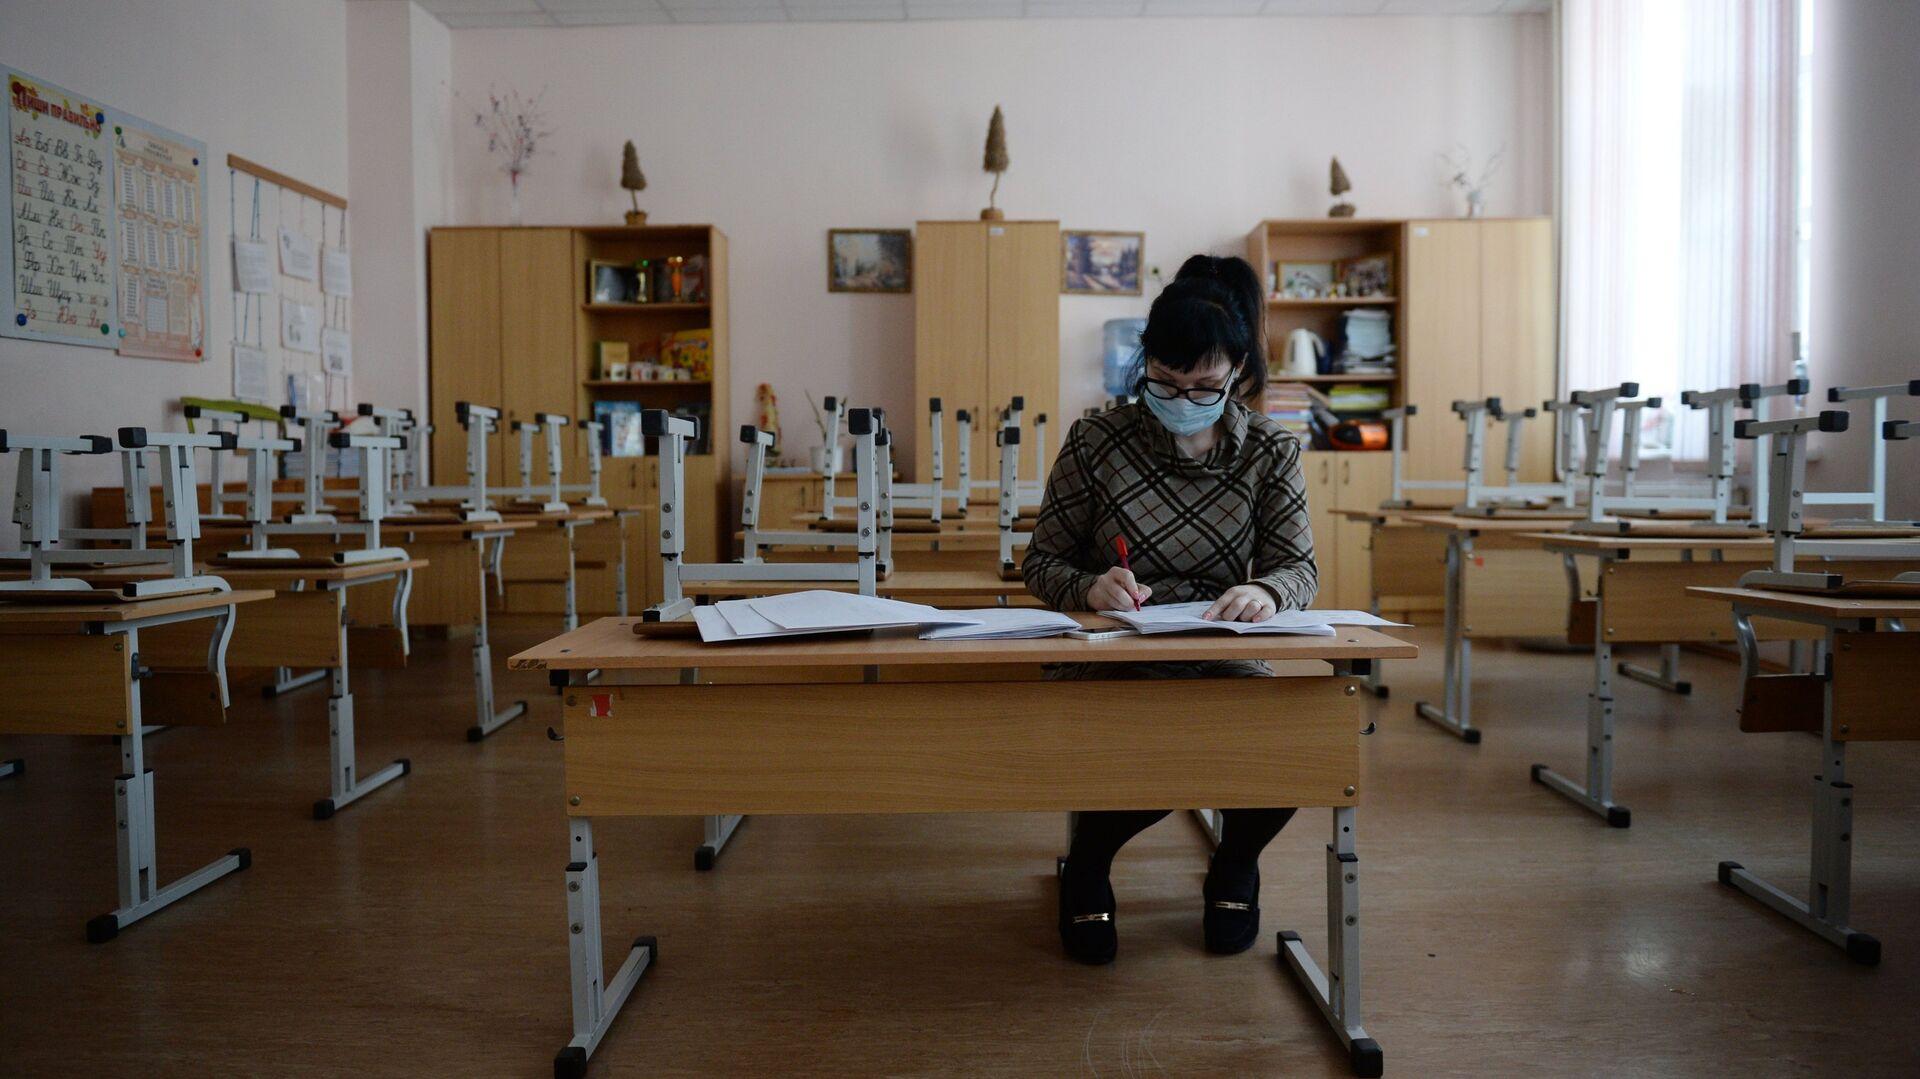 Учительница во время карантина по гриппу в средней общеобразовательной школе - РИА Новости, 1920, 30.10.2020